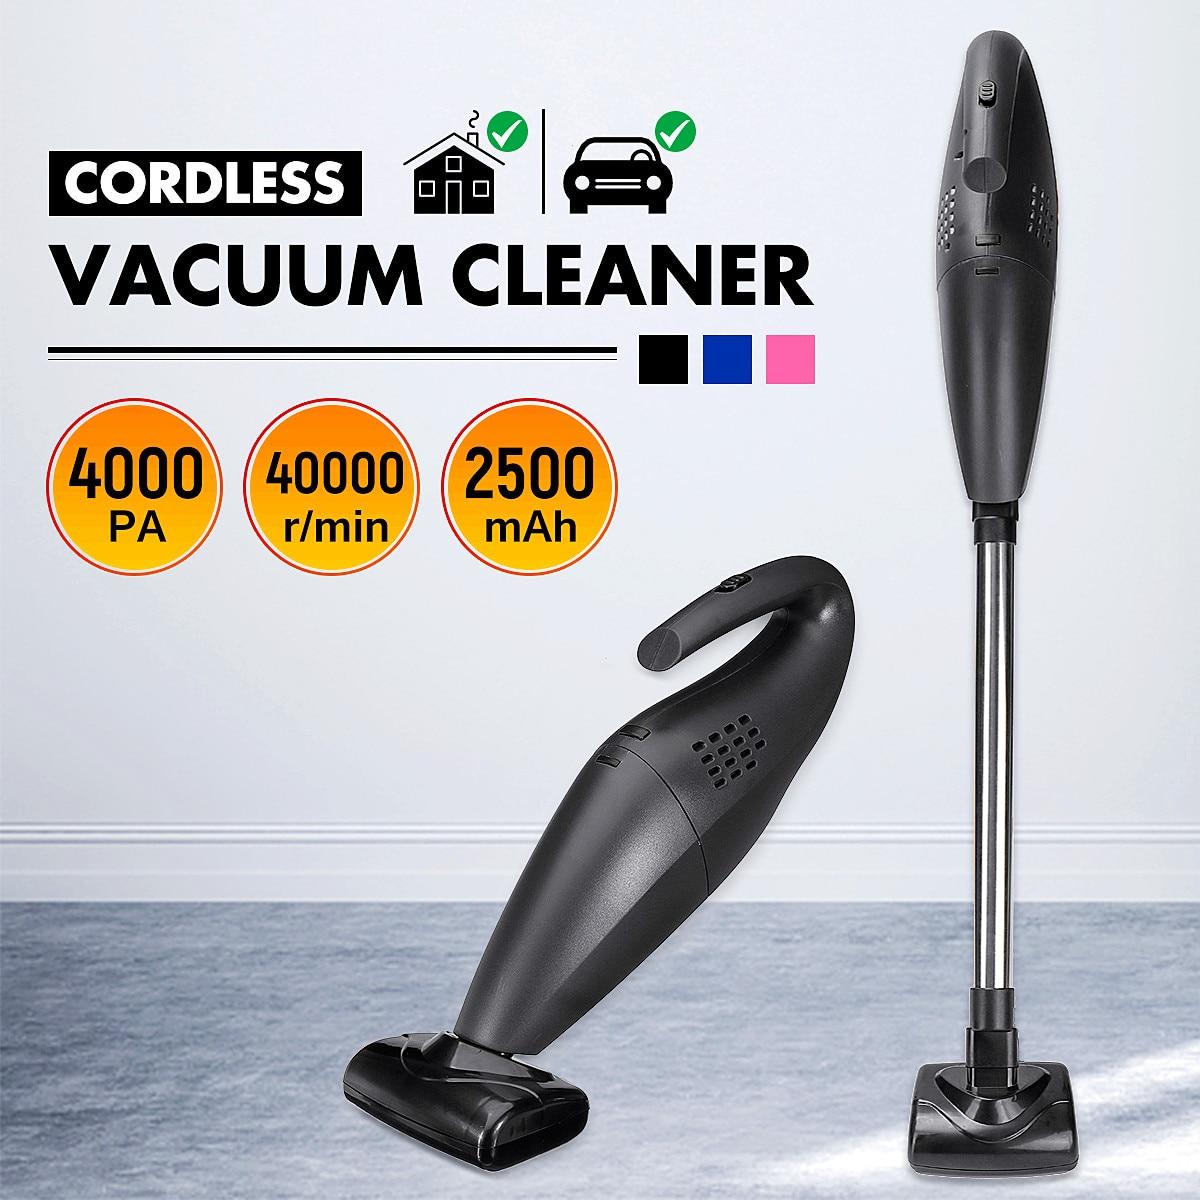 10 шт./компл. 120 Вт ручной беспроводной пылесос для дома, автомобиля, мокрого и сухого двойного назначения, высокая мощность, инструмент для оч